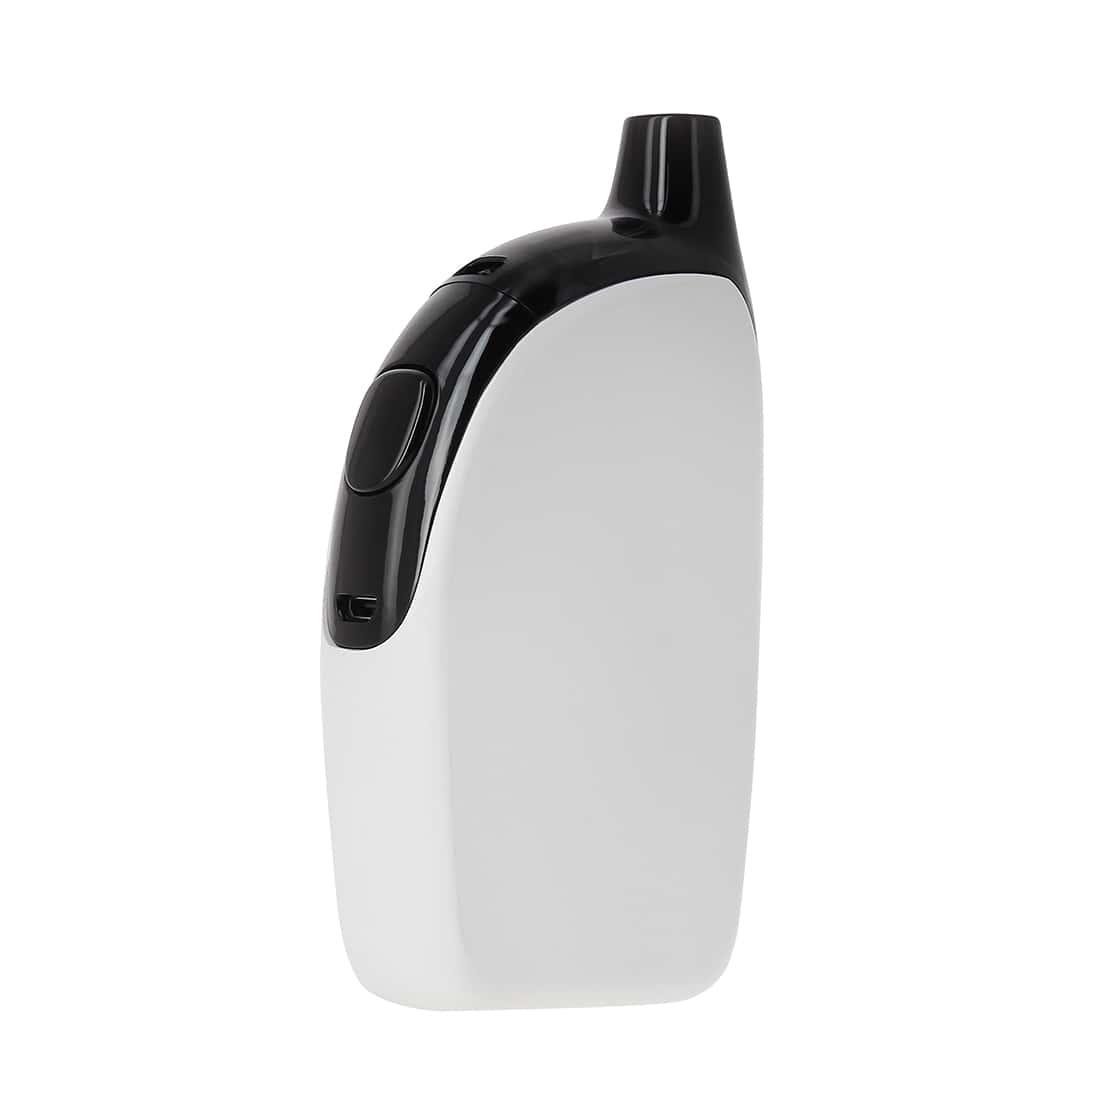 E-liquide pas cher : comment le fabriquer à la maison ?